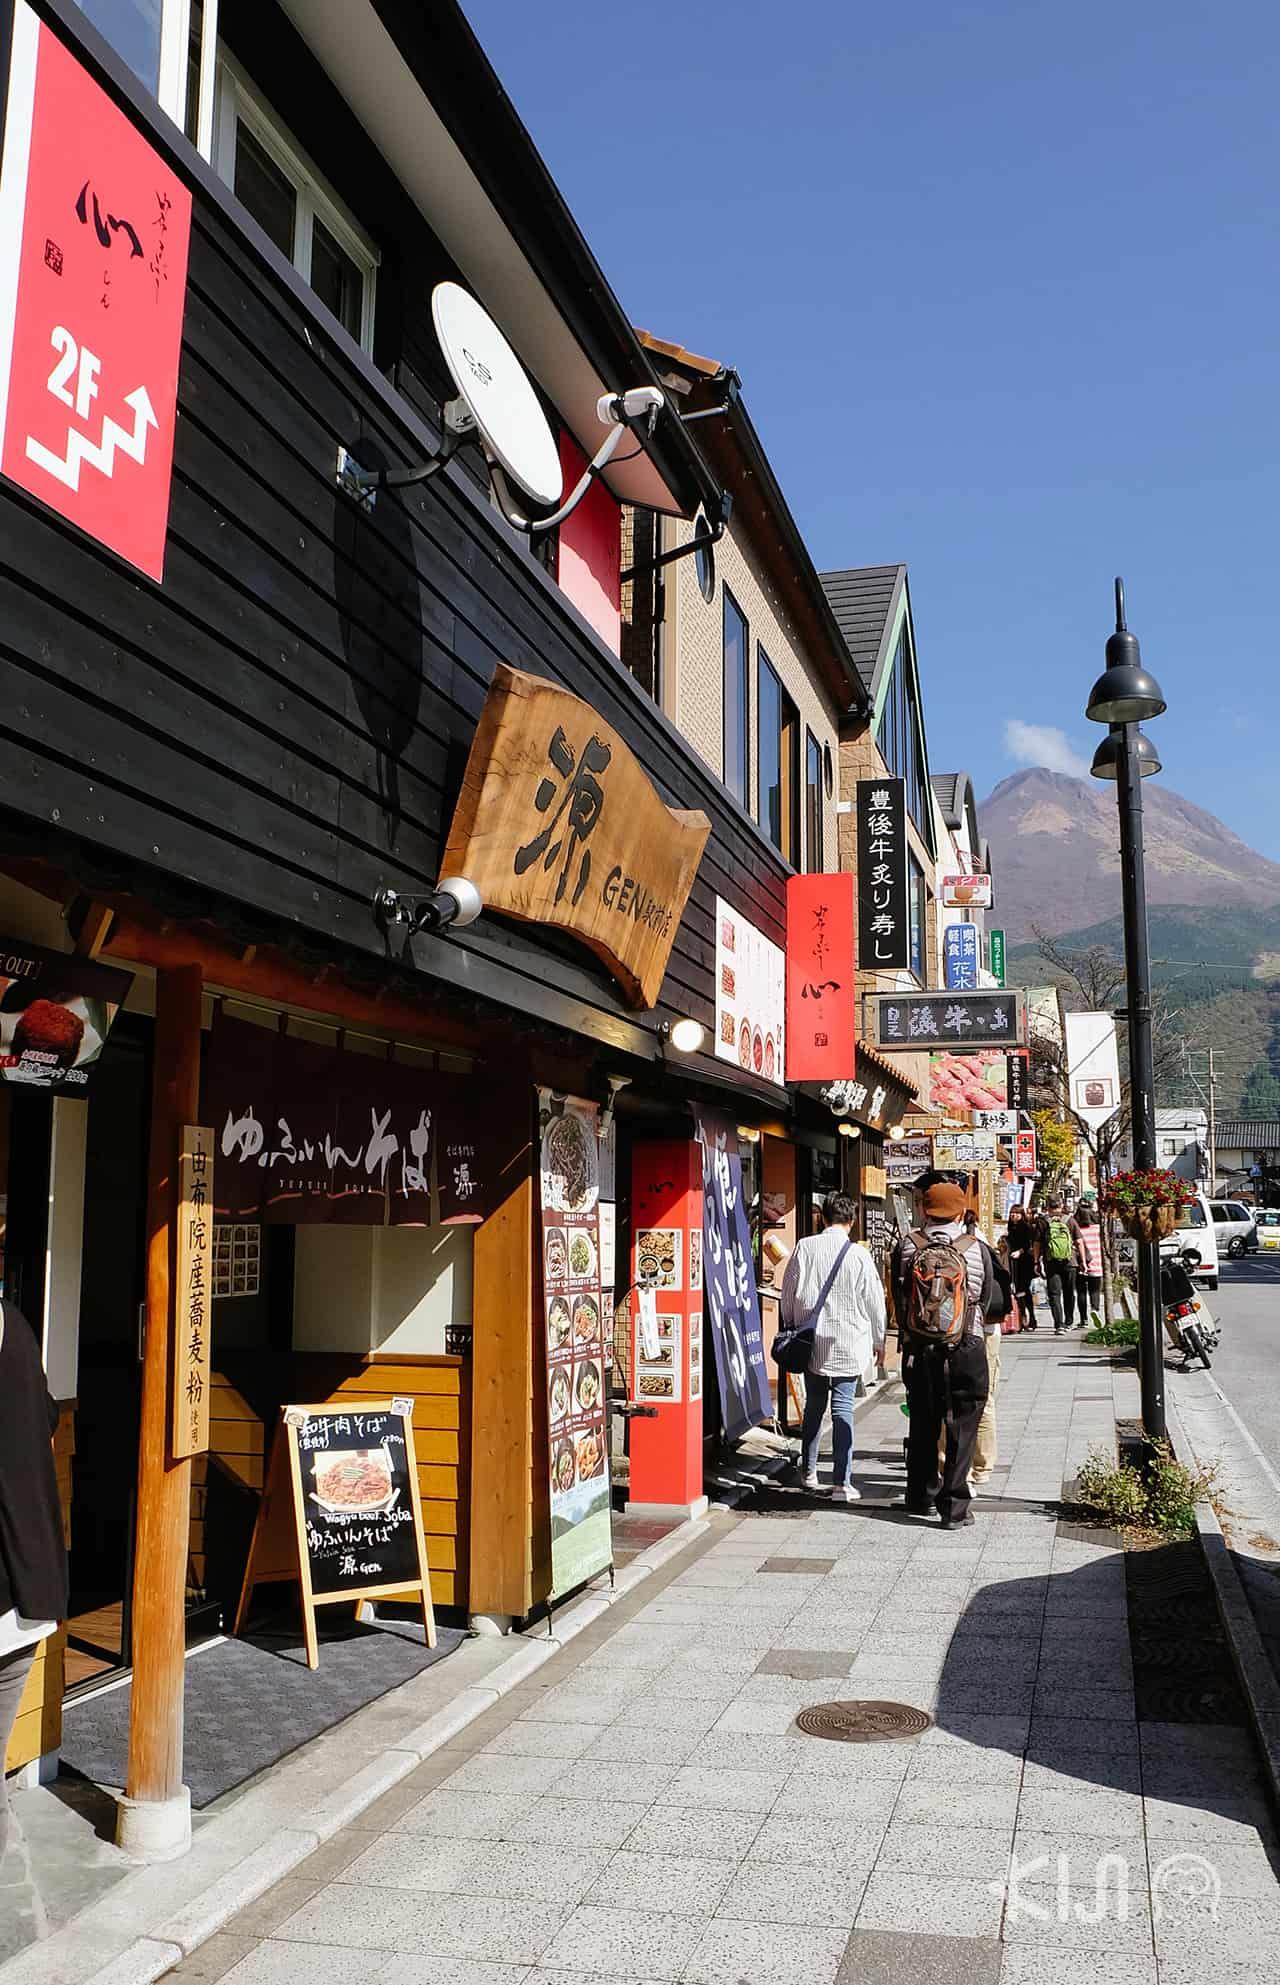 ร้านรวงต่างๆภายในหมู่บ้านยุฟุอิน (Yufuin)